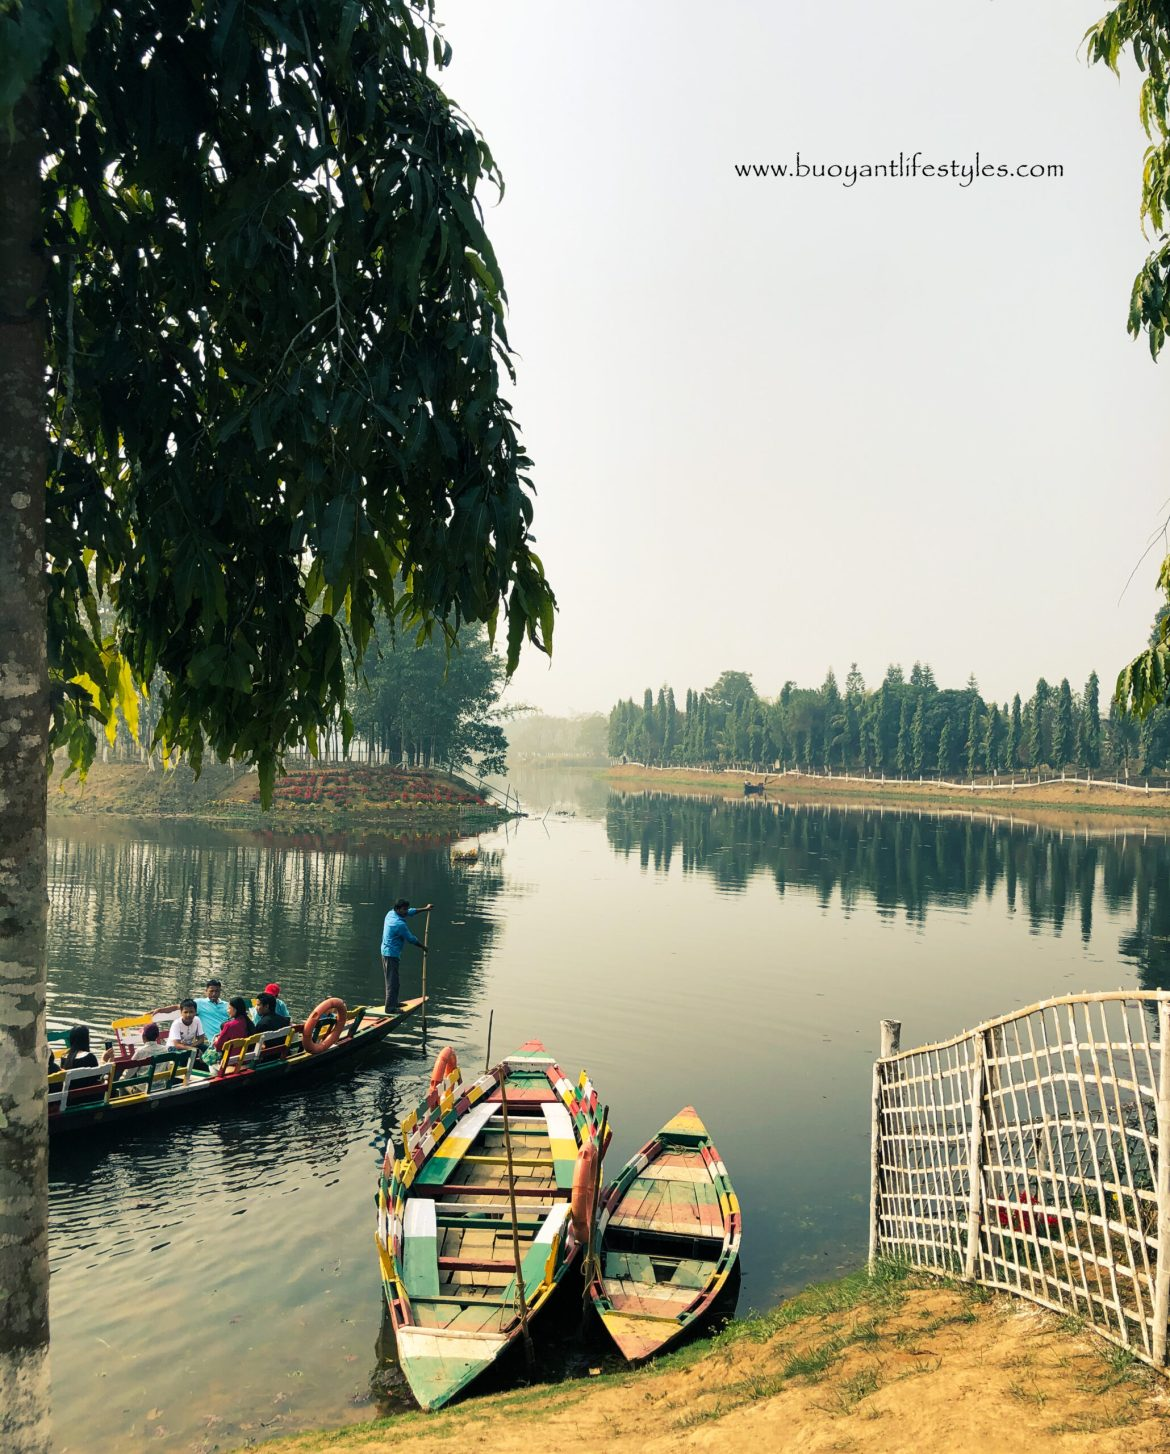 KOYA KUJIYA in Abhayapuri, Assam-Things to do and see